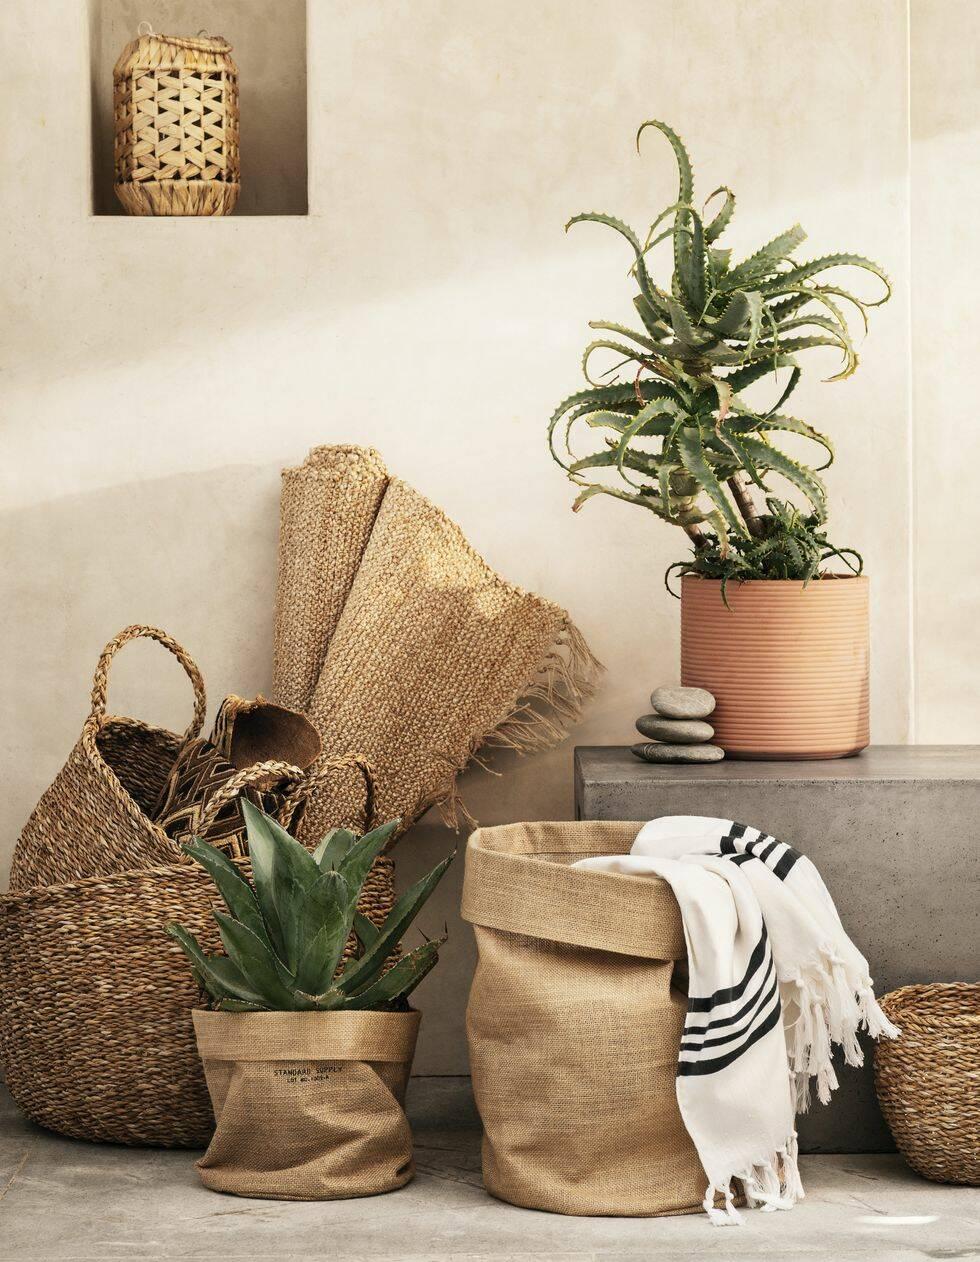 H&M Homes härliga sommarnyheter får oss att längta efter värmen